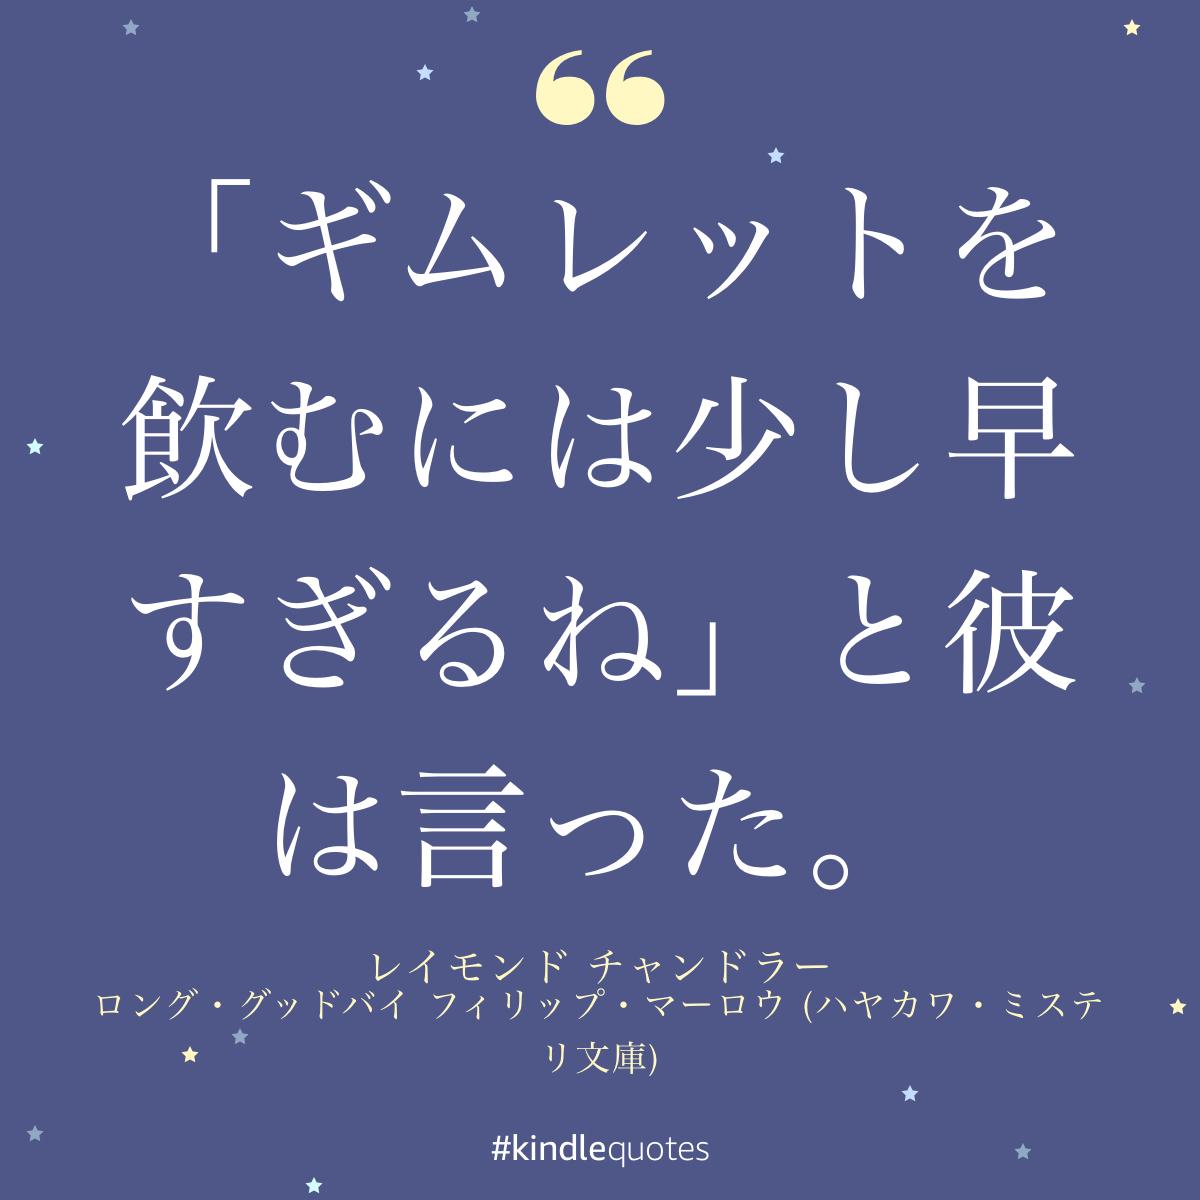 f:id:ichieda:20210404213434p:plain